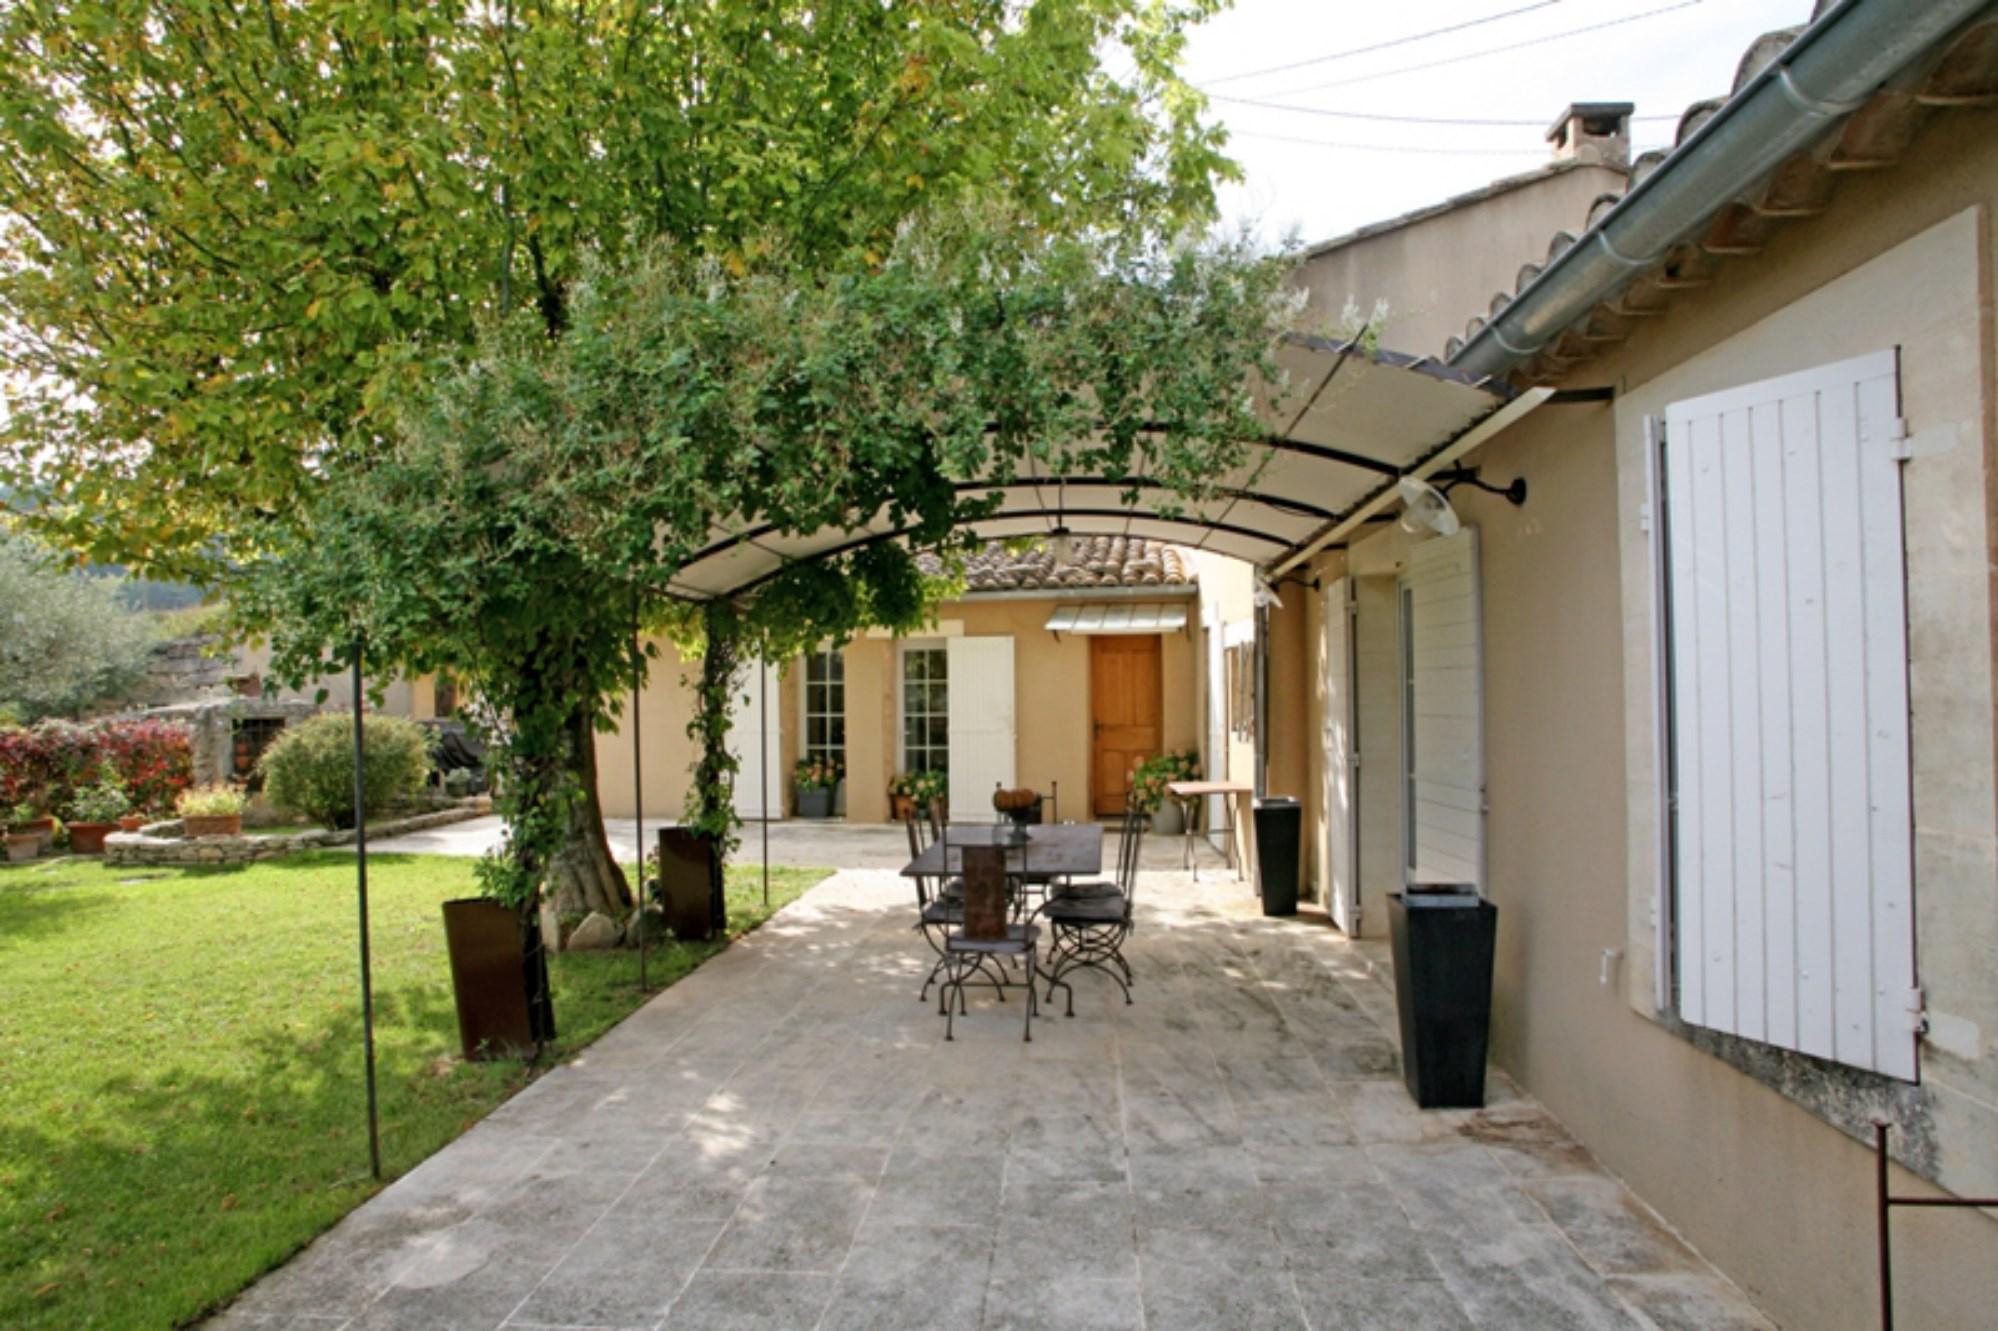 A vendre, en Luberon,  dans un environnement calme et champêtre, belle villa comfortable avec piscine.